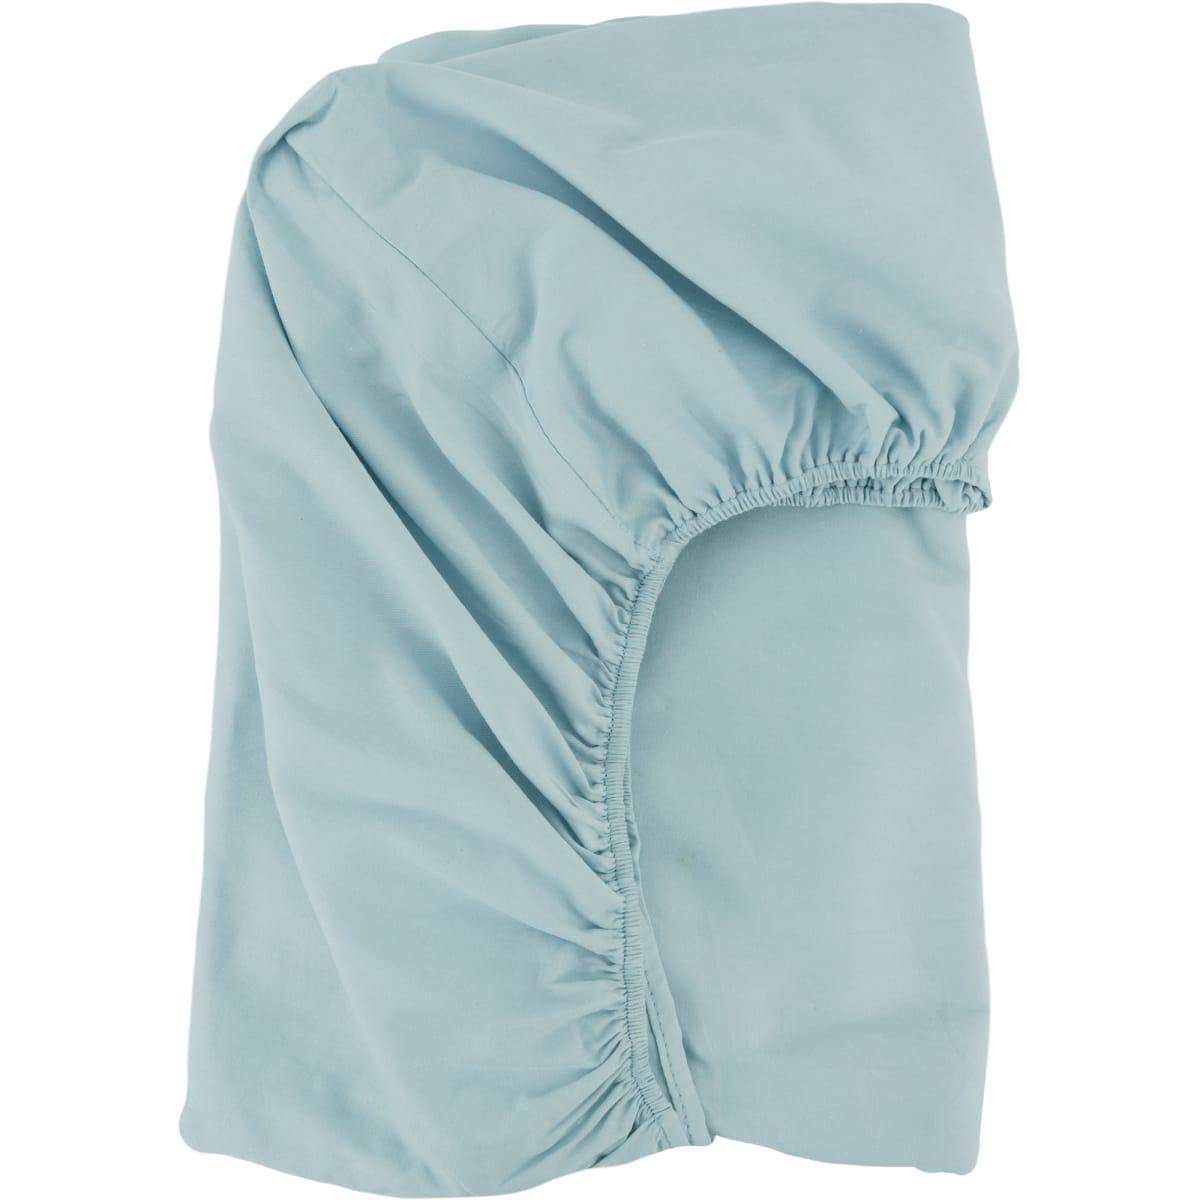 Простыня на резинке Helen Satin «Sky 67», 140х200 см, сатин, цвет светло-голубой